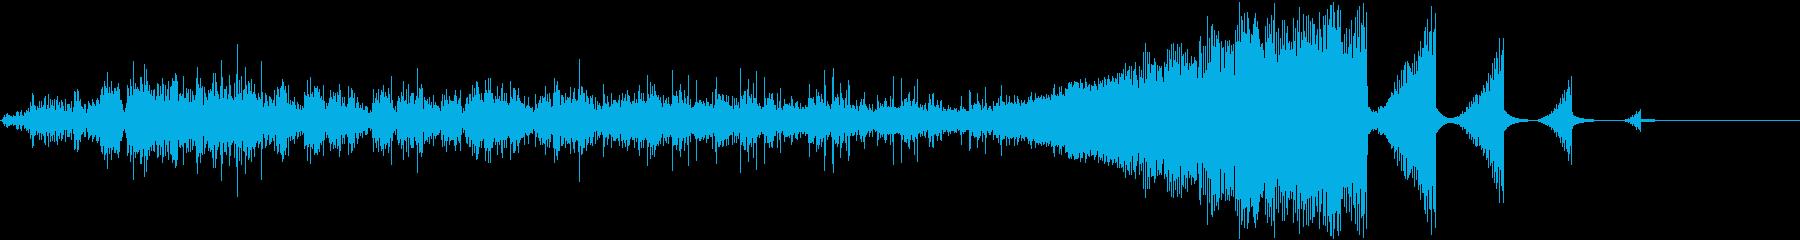 コンピュータの電子音、効果音 ピューンの再生済みの波形